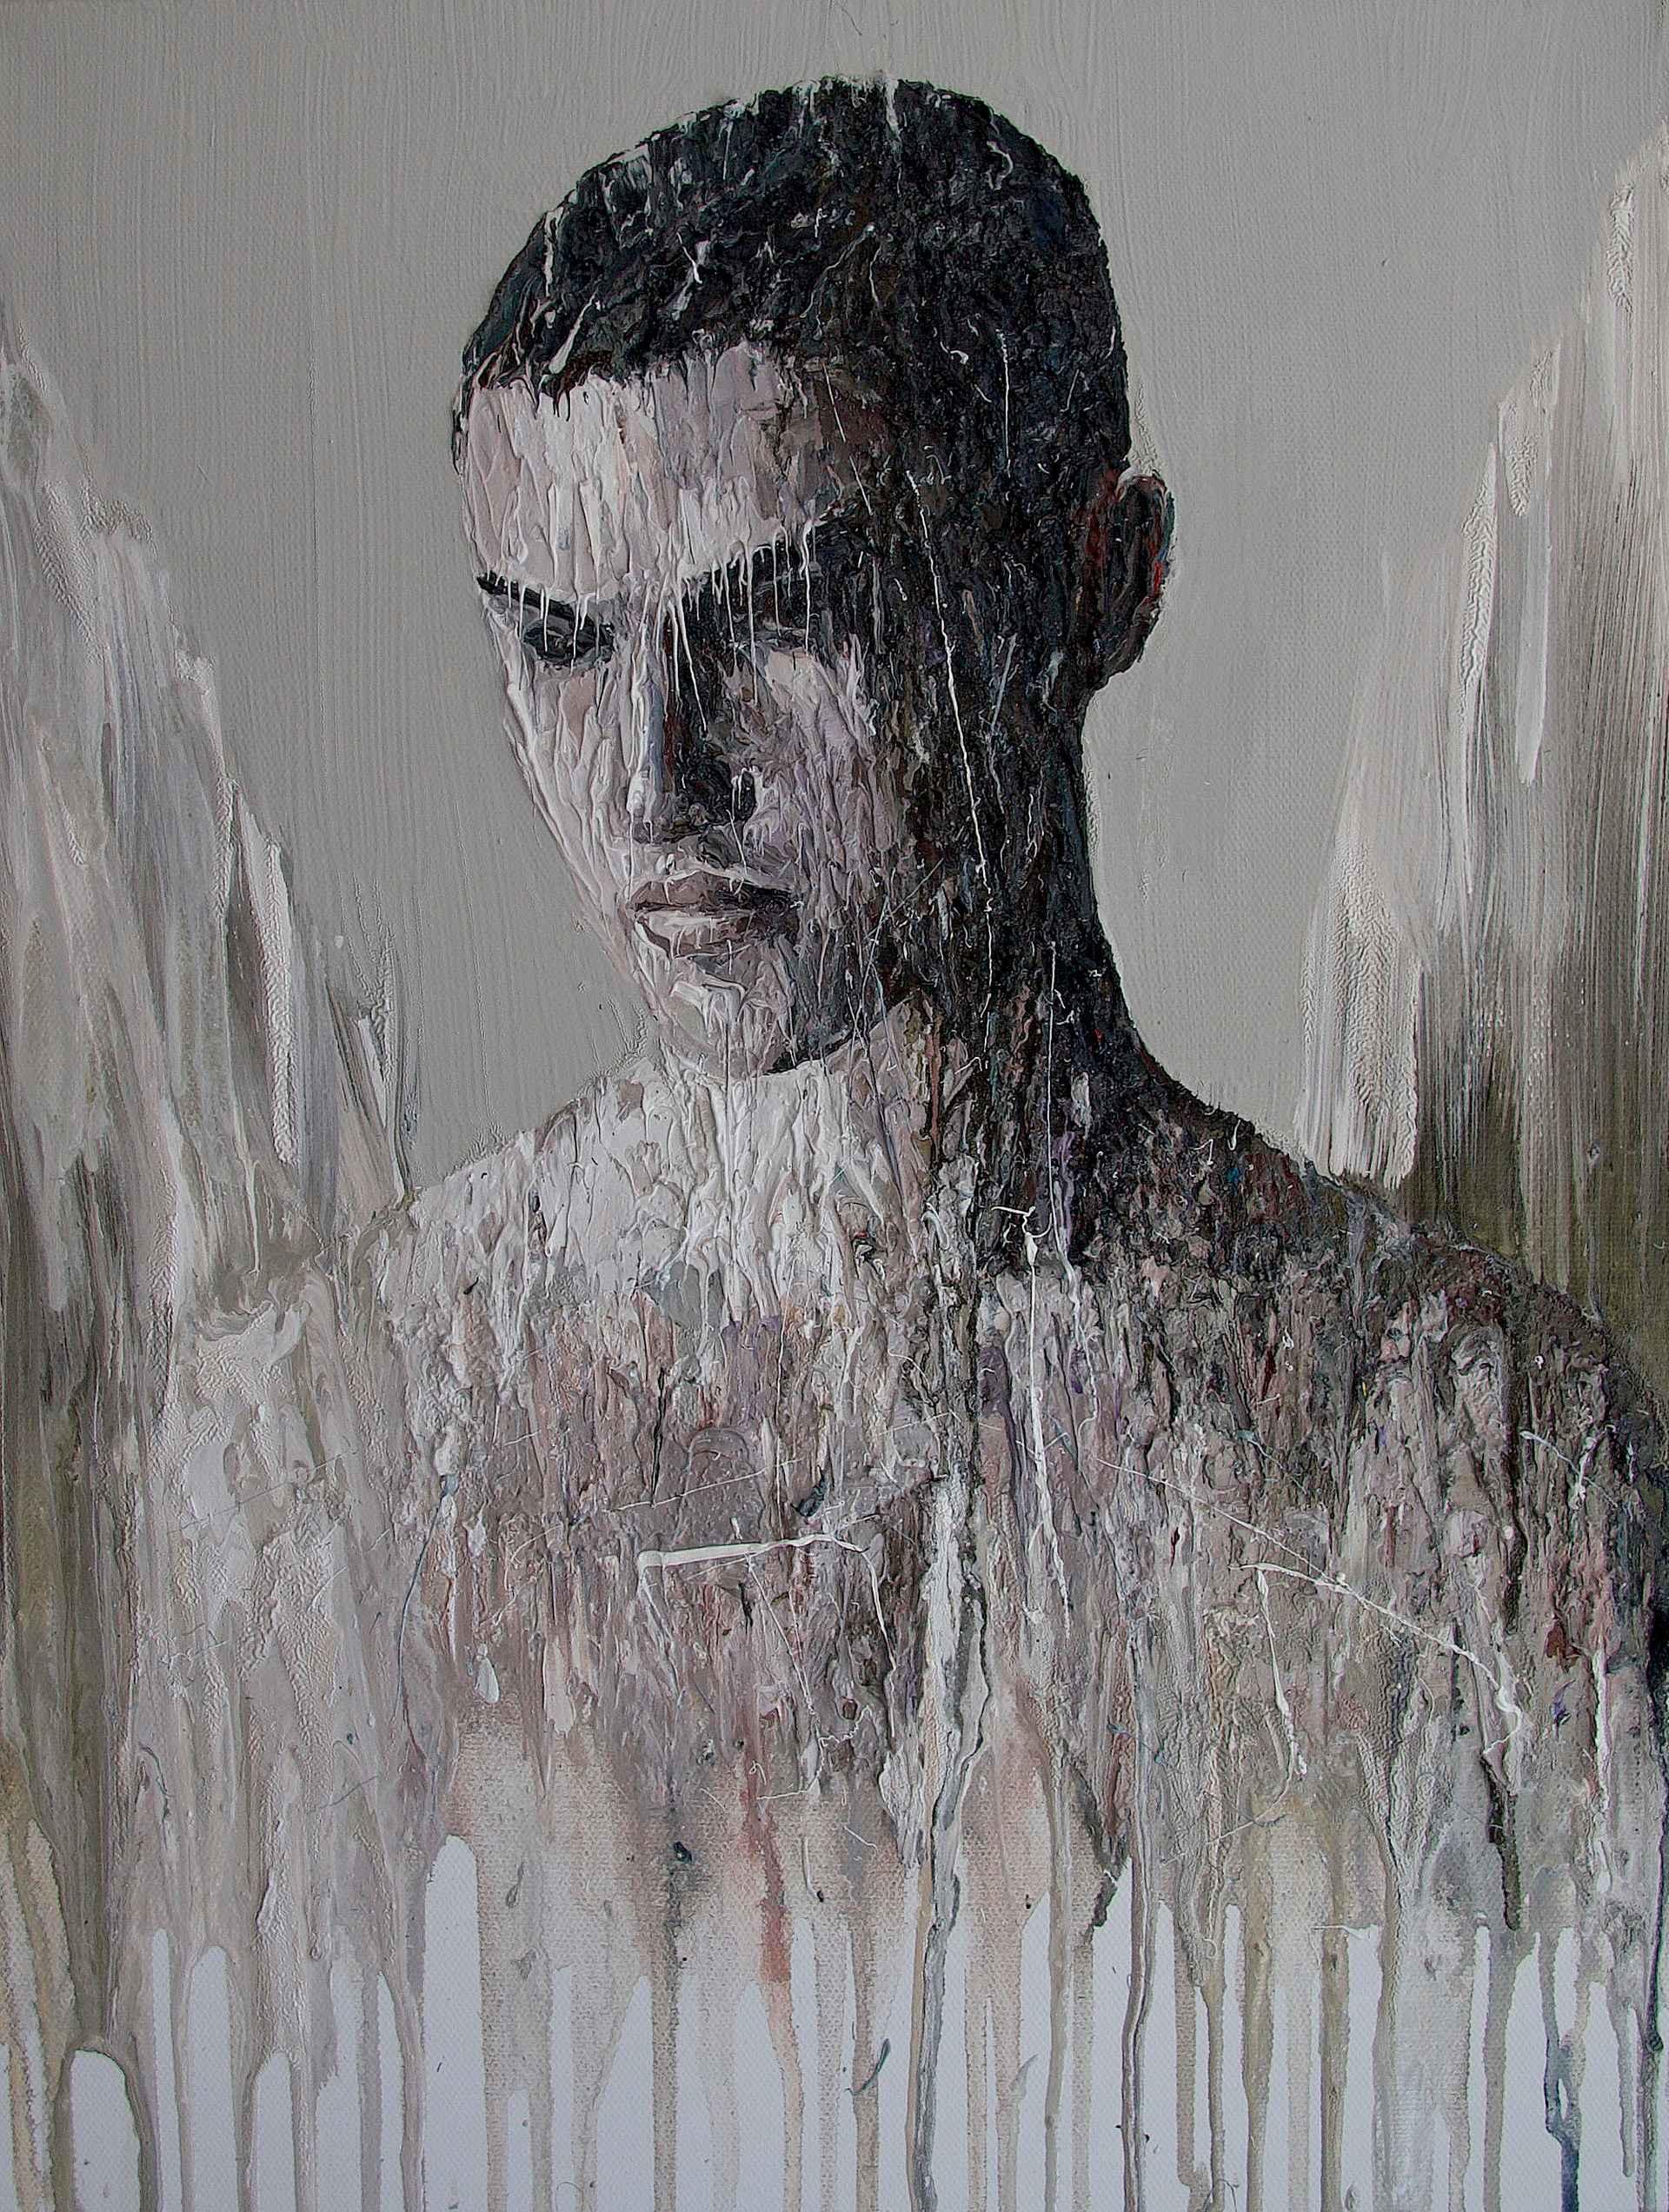 Septimus by Carl Melegari